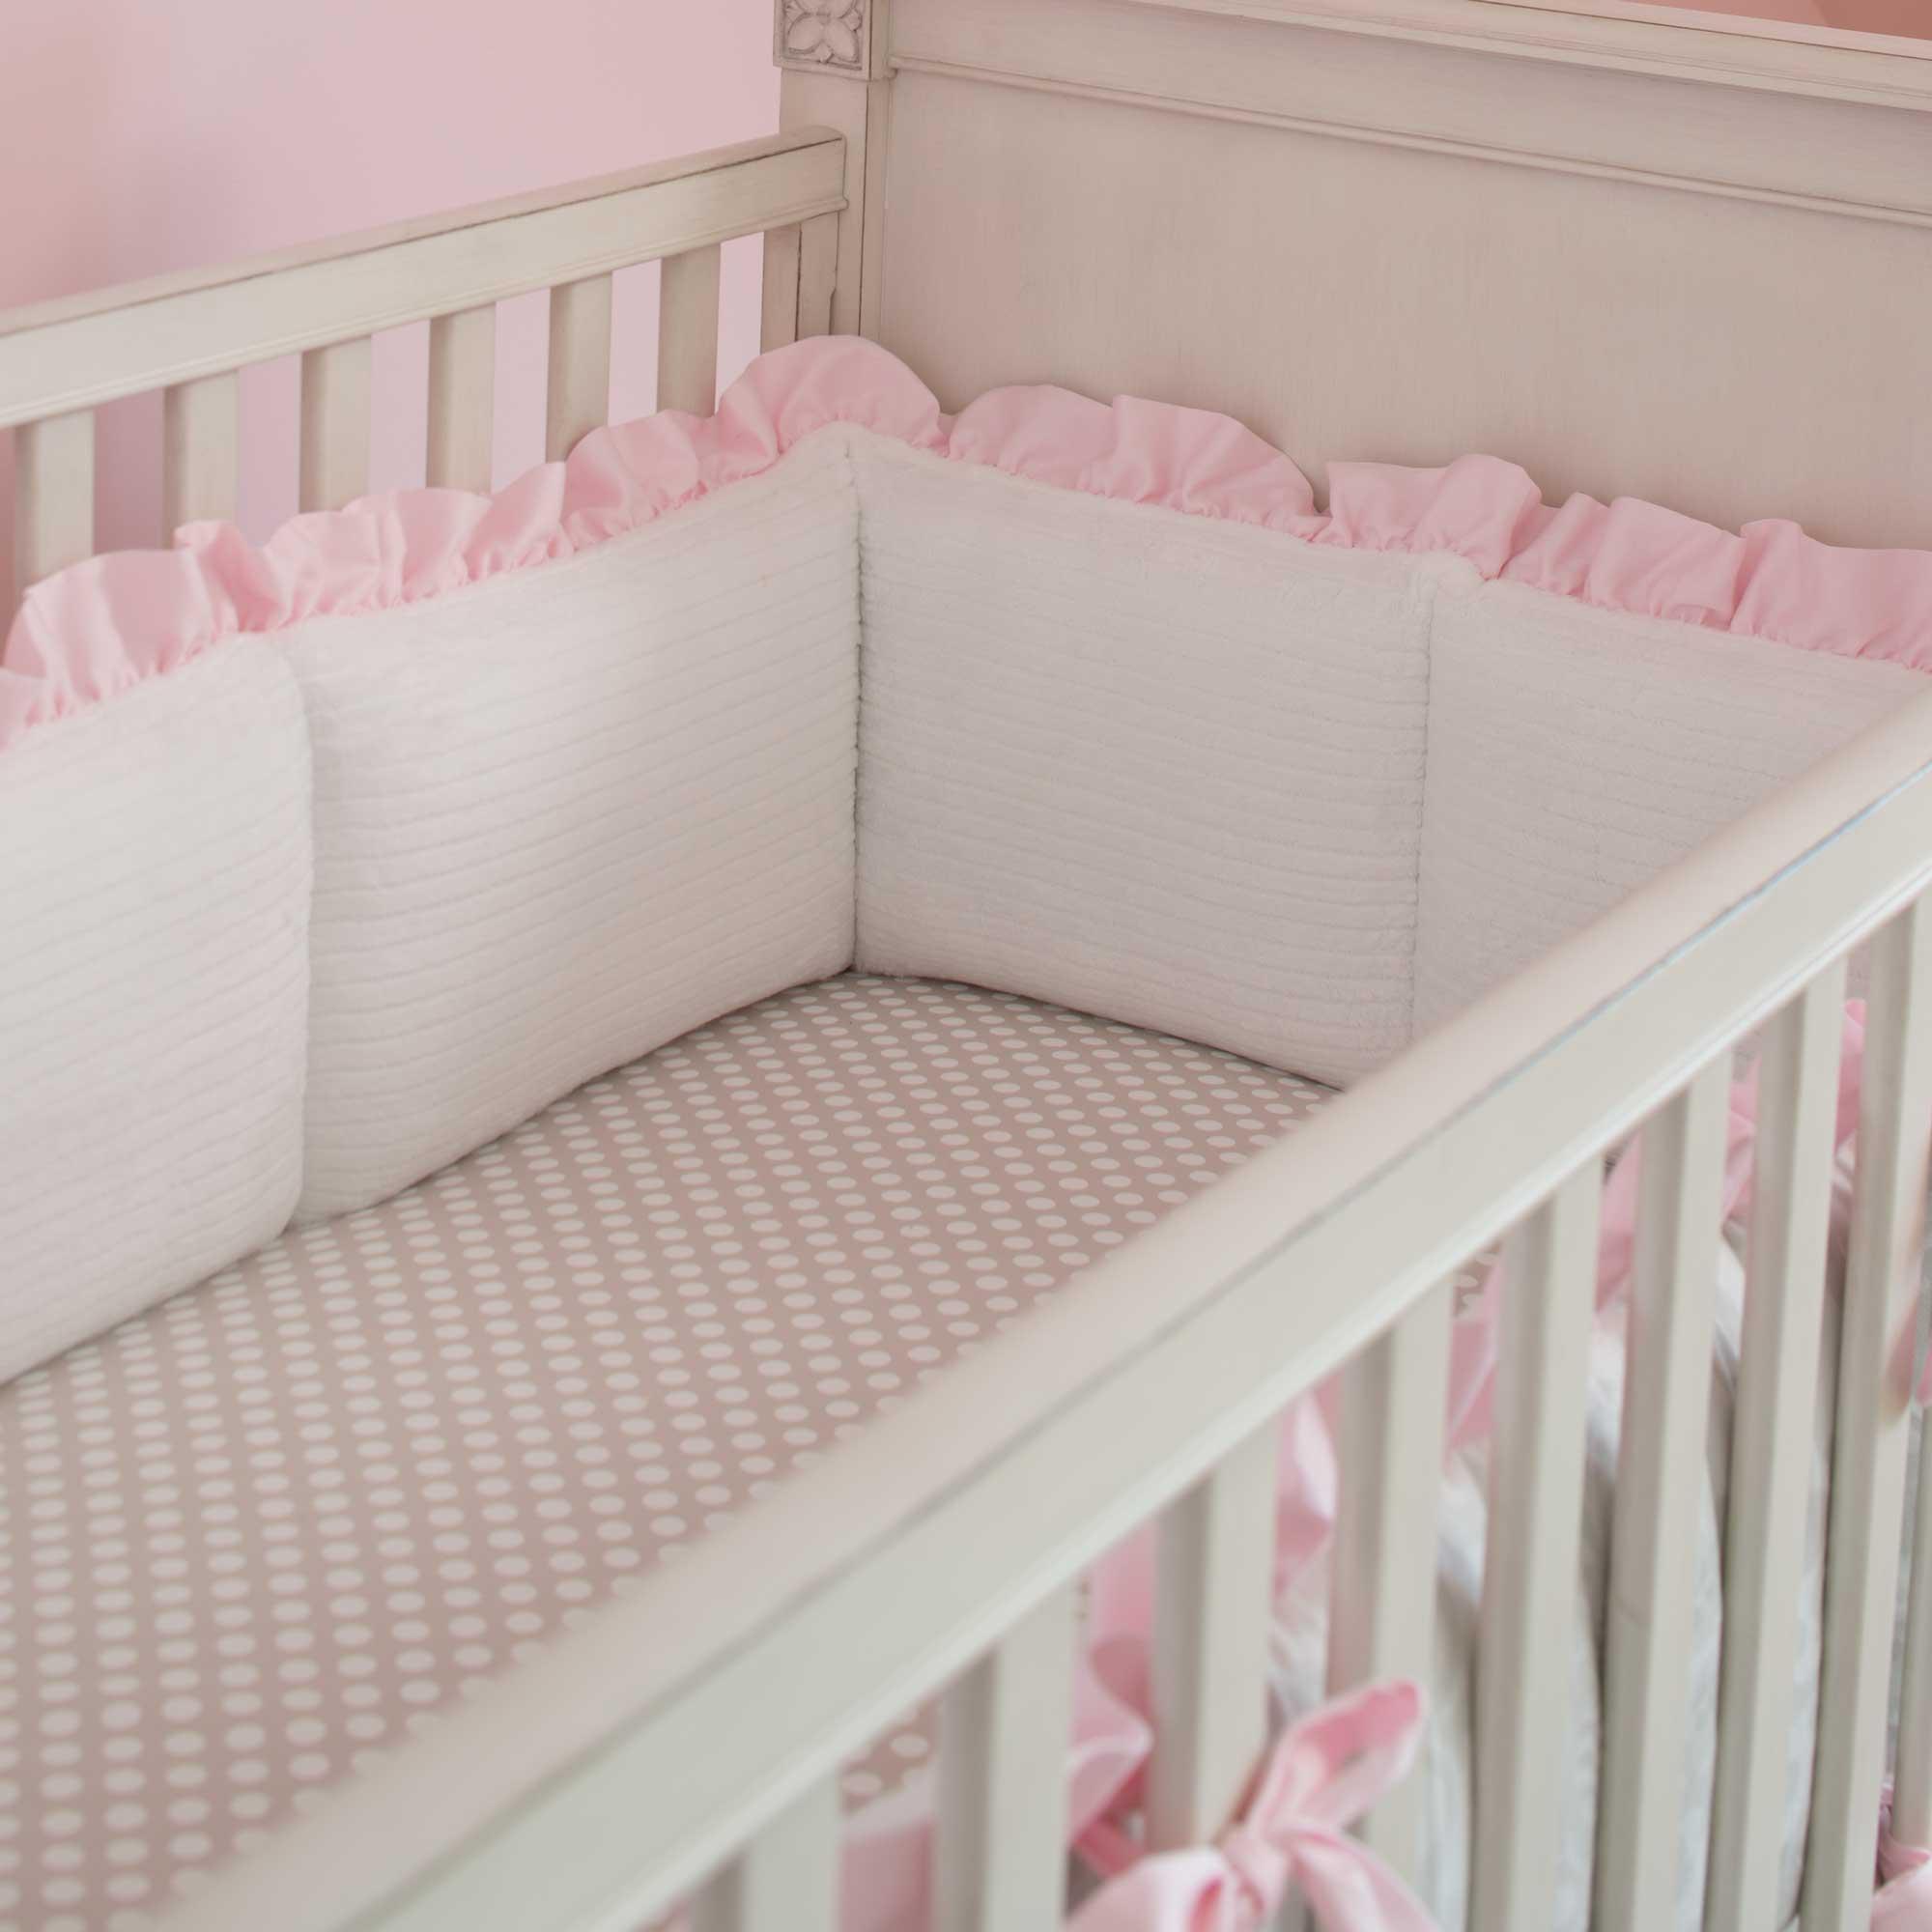 Bumper Pad for Crib | Burlington Coat Factory Cribs | Crib Bumpers